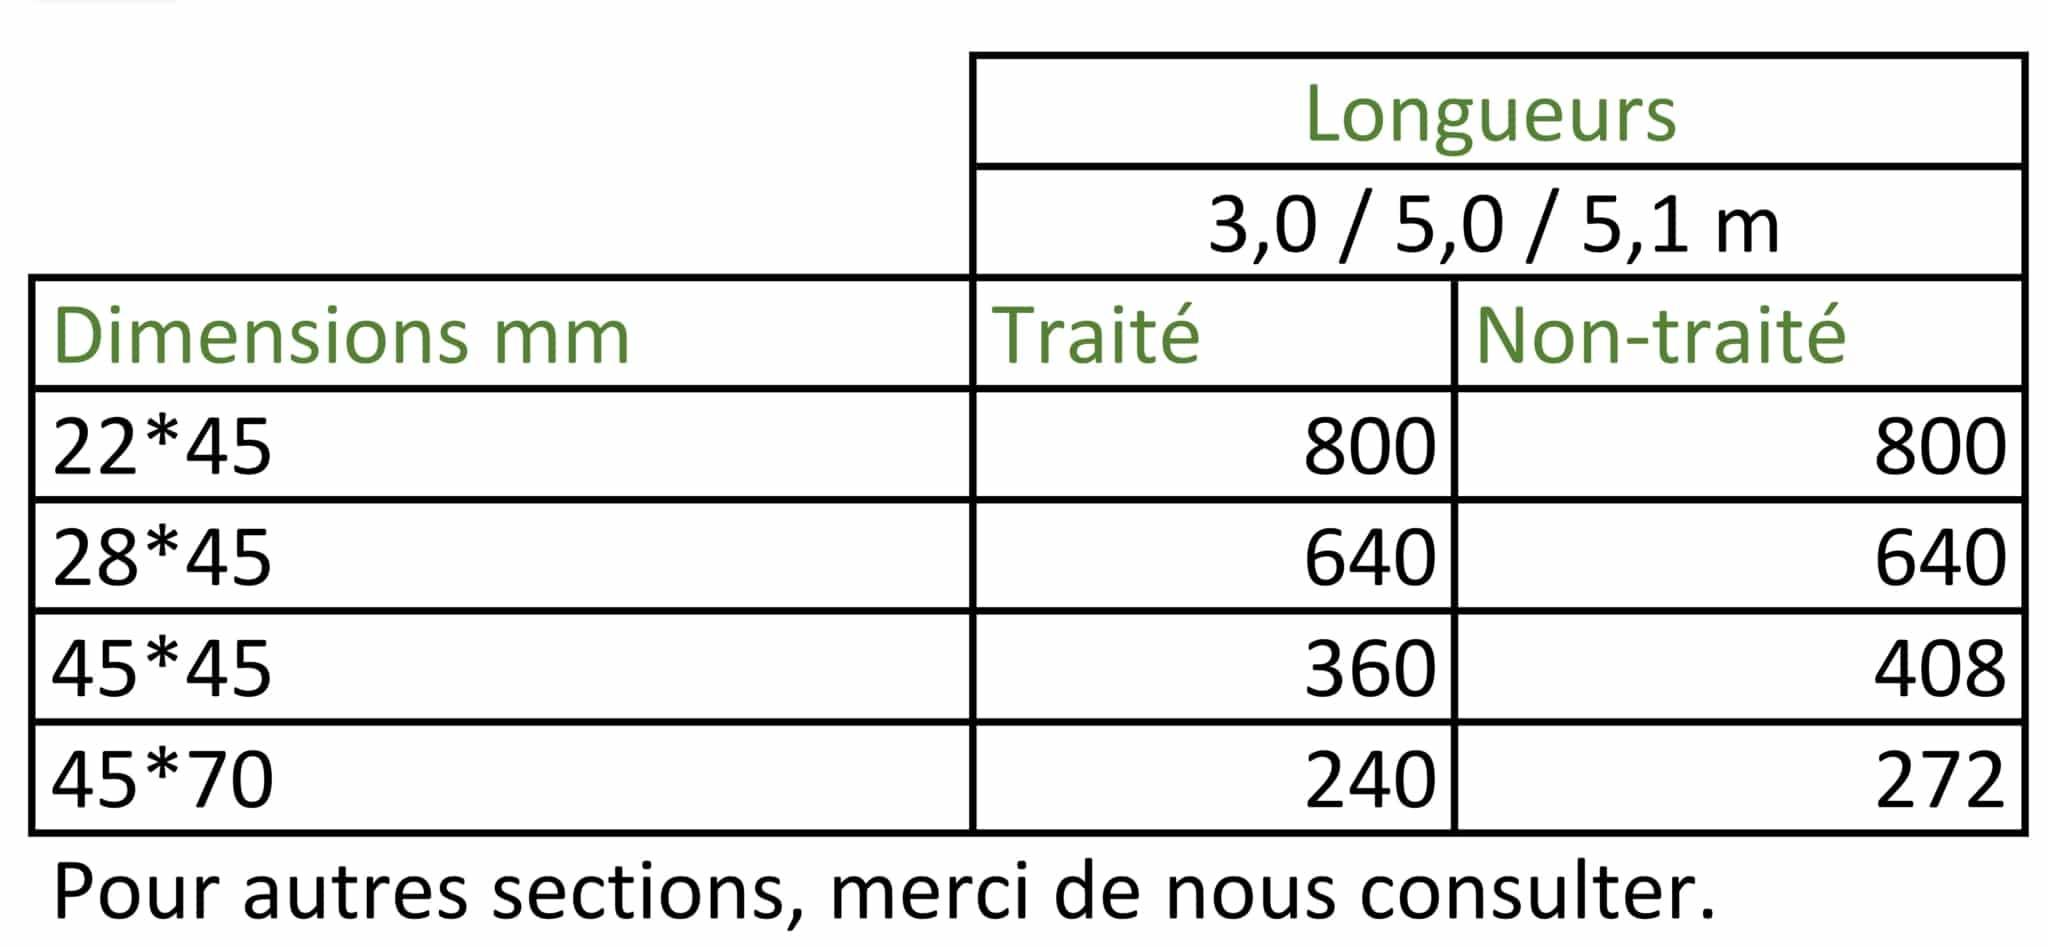 Colisage du bois d'Ossature de l'Agence Boinet